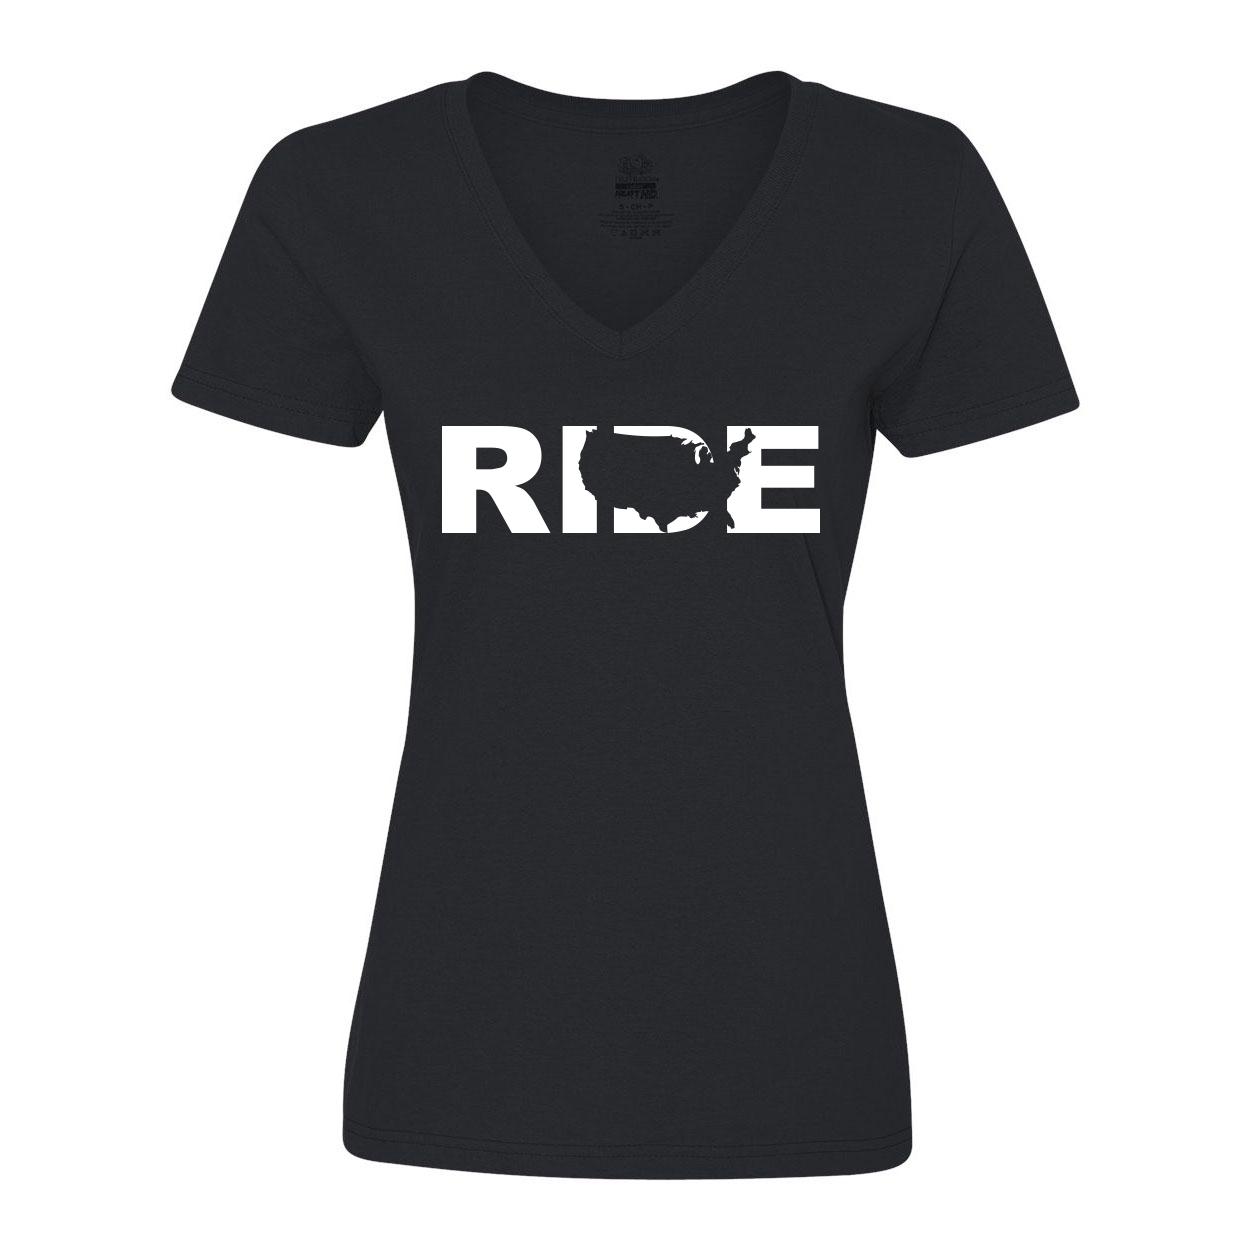 Ride United States Classic Womens V-Neck Shirt Black (White Logo)